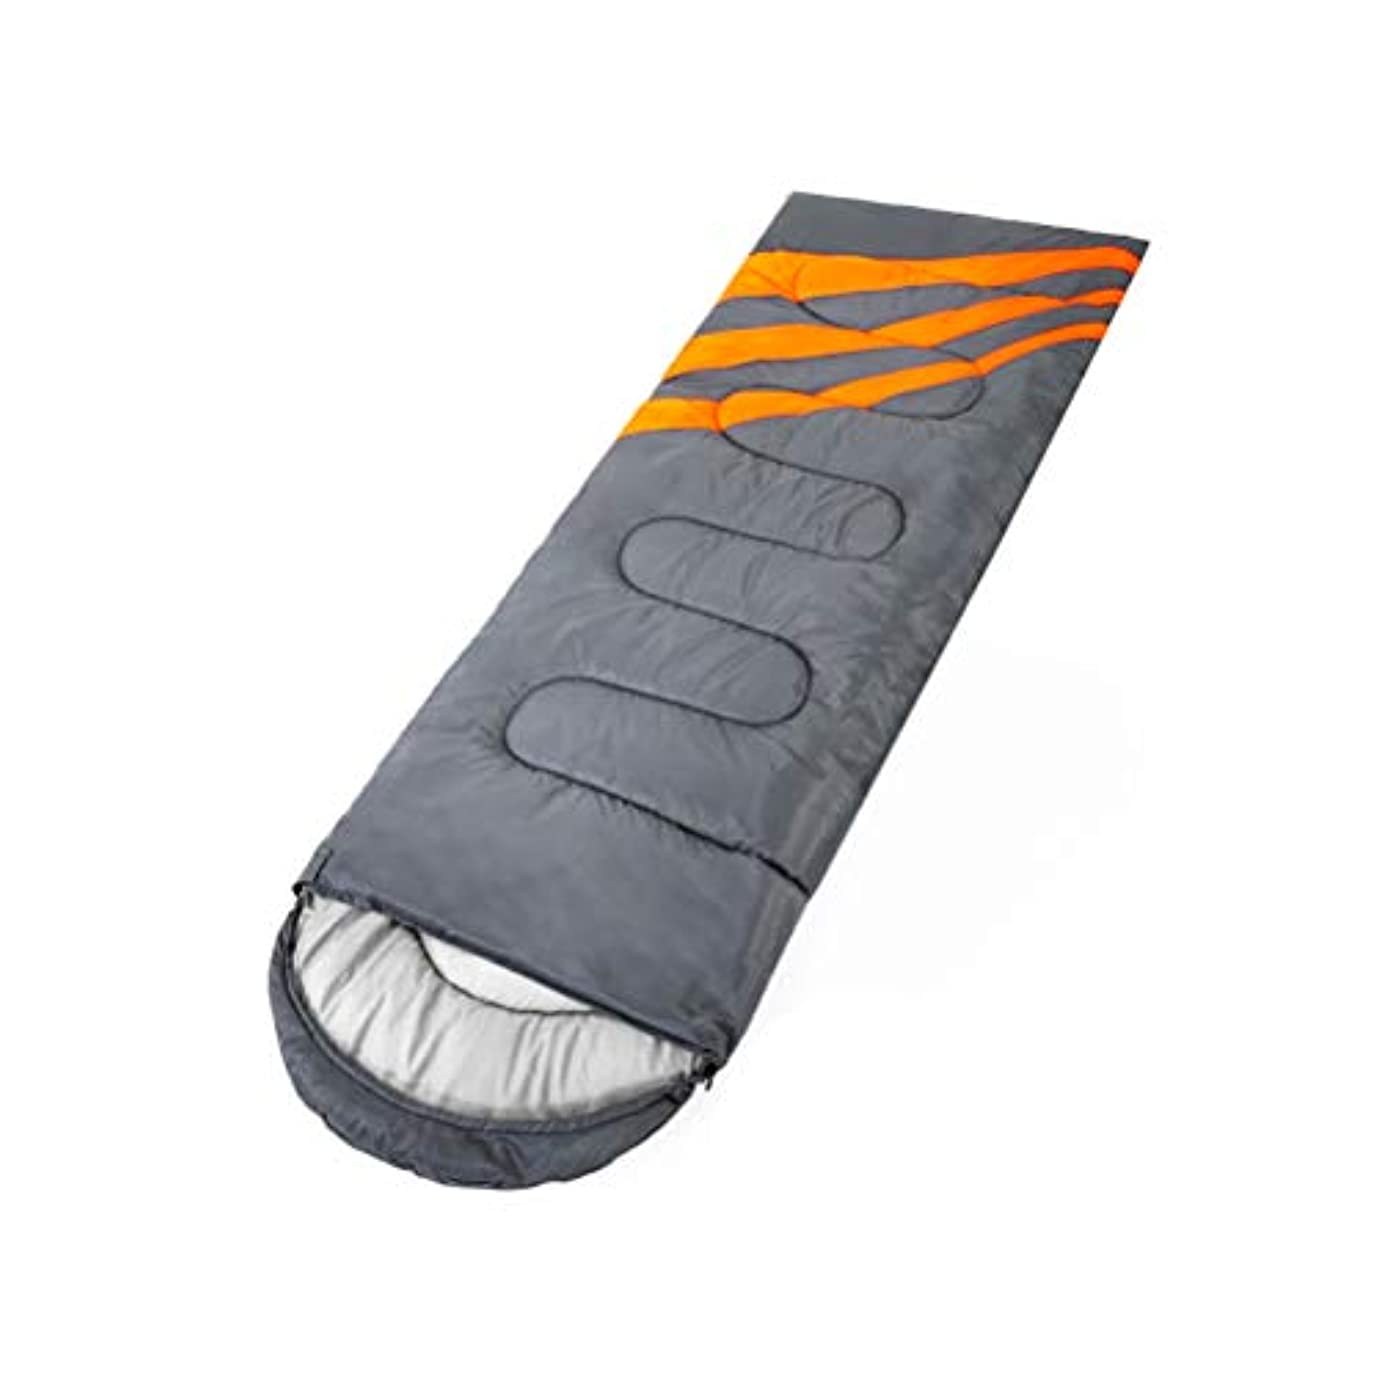 蒸し器伝統的忘れるキャンプ用寝袋合成繊維入りキャンプ用ハイキングバックパッキング涼しい天候でポータブルポータブルキャリア付き220 x 75 cm